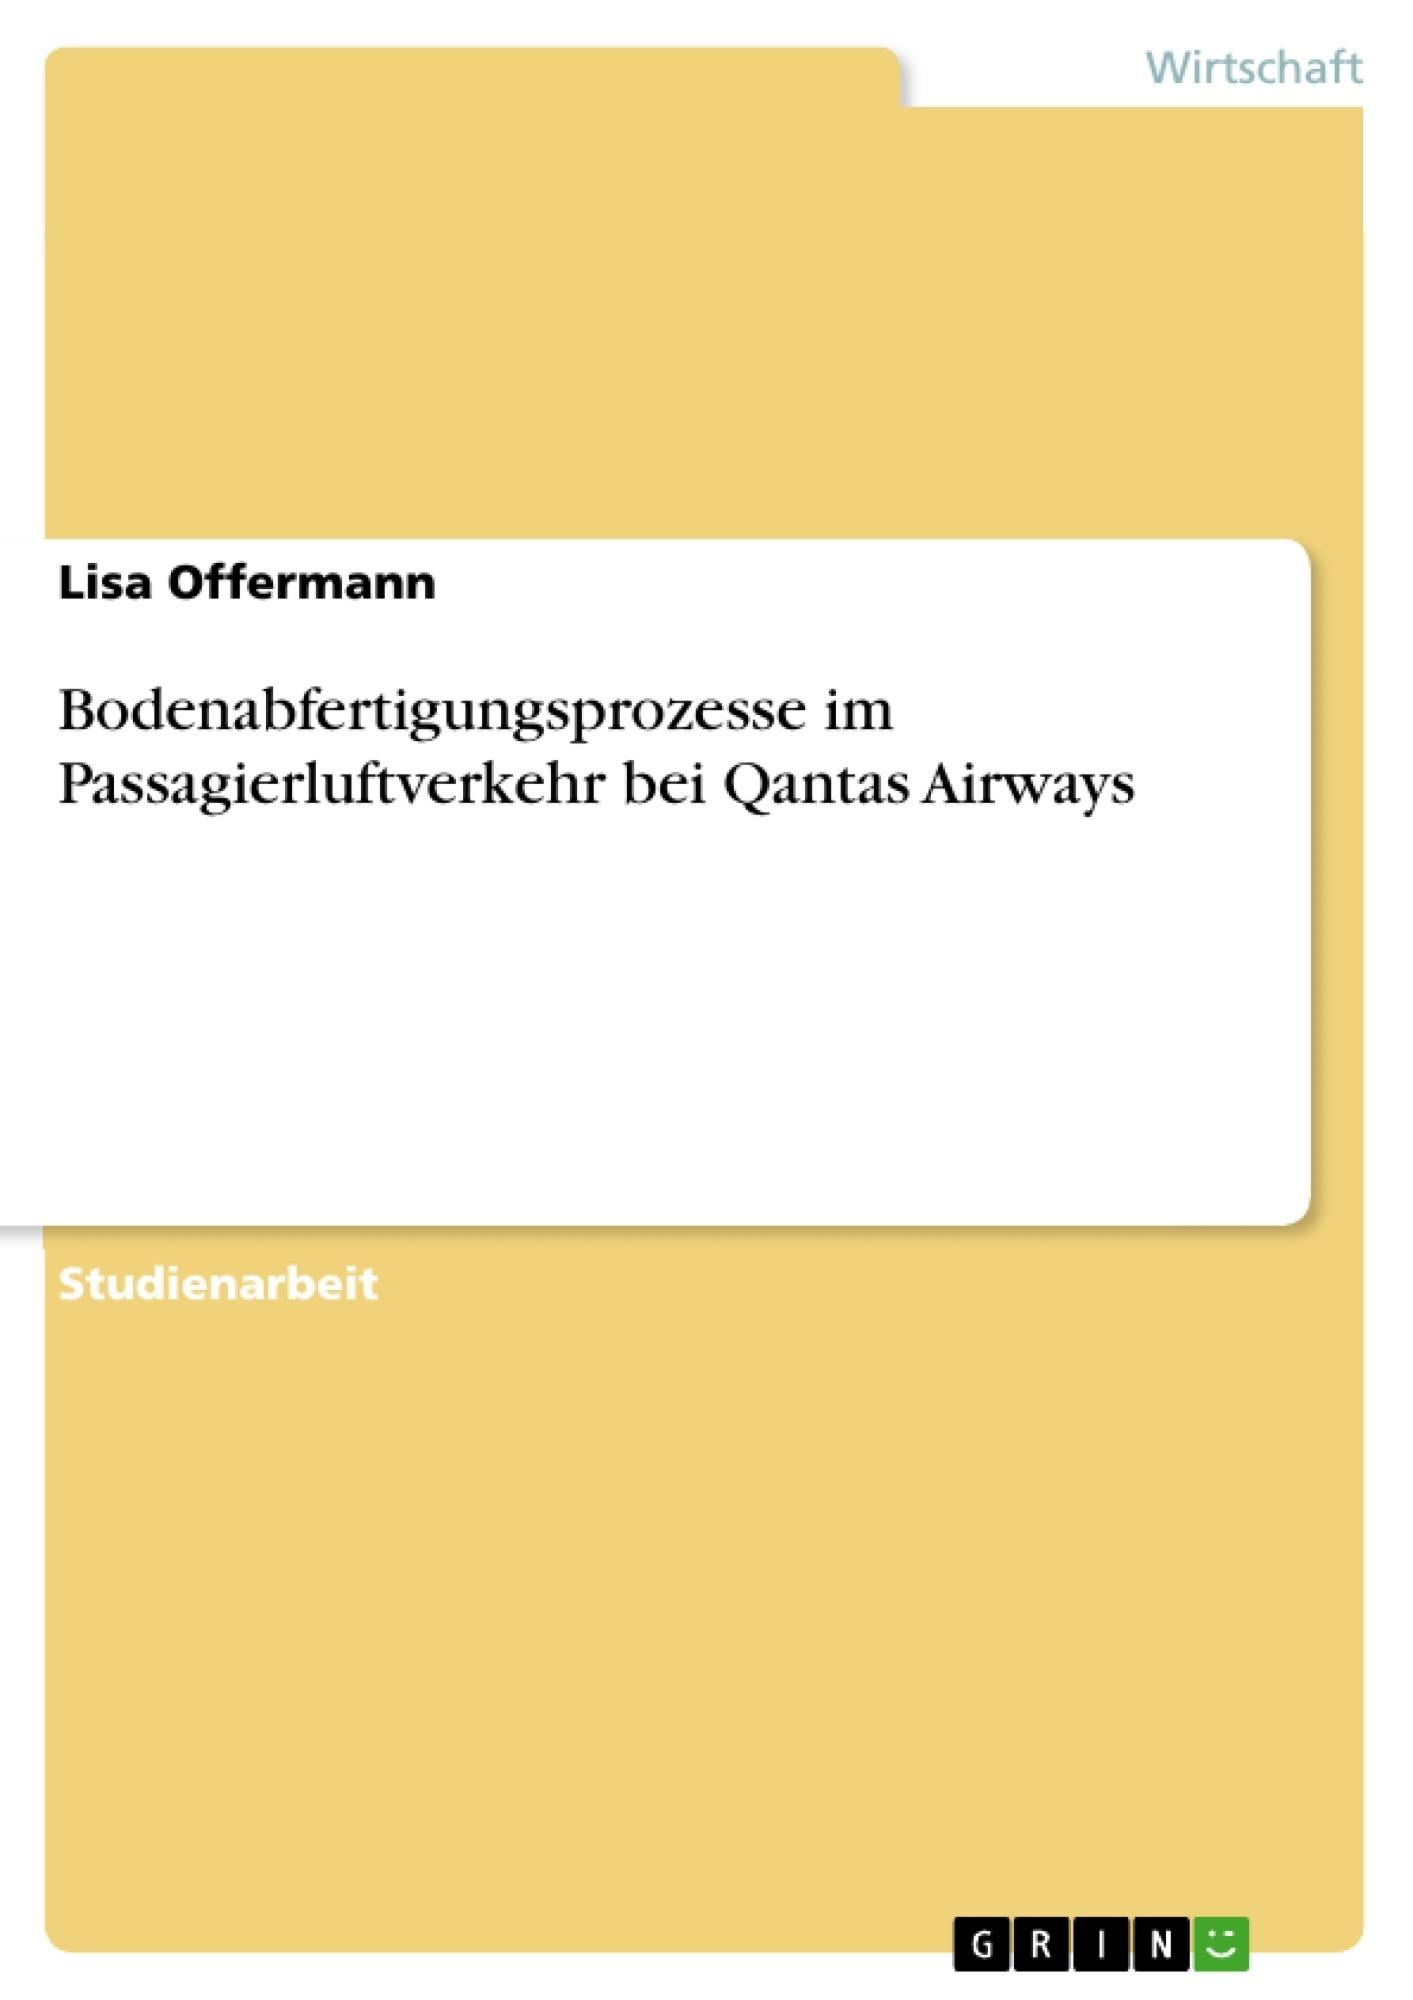 Titel: Bodenabfertigungsprozesse im Passagierluftverkehr bei Qantas Airways